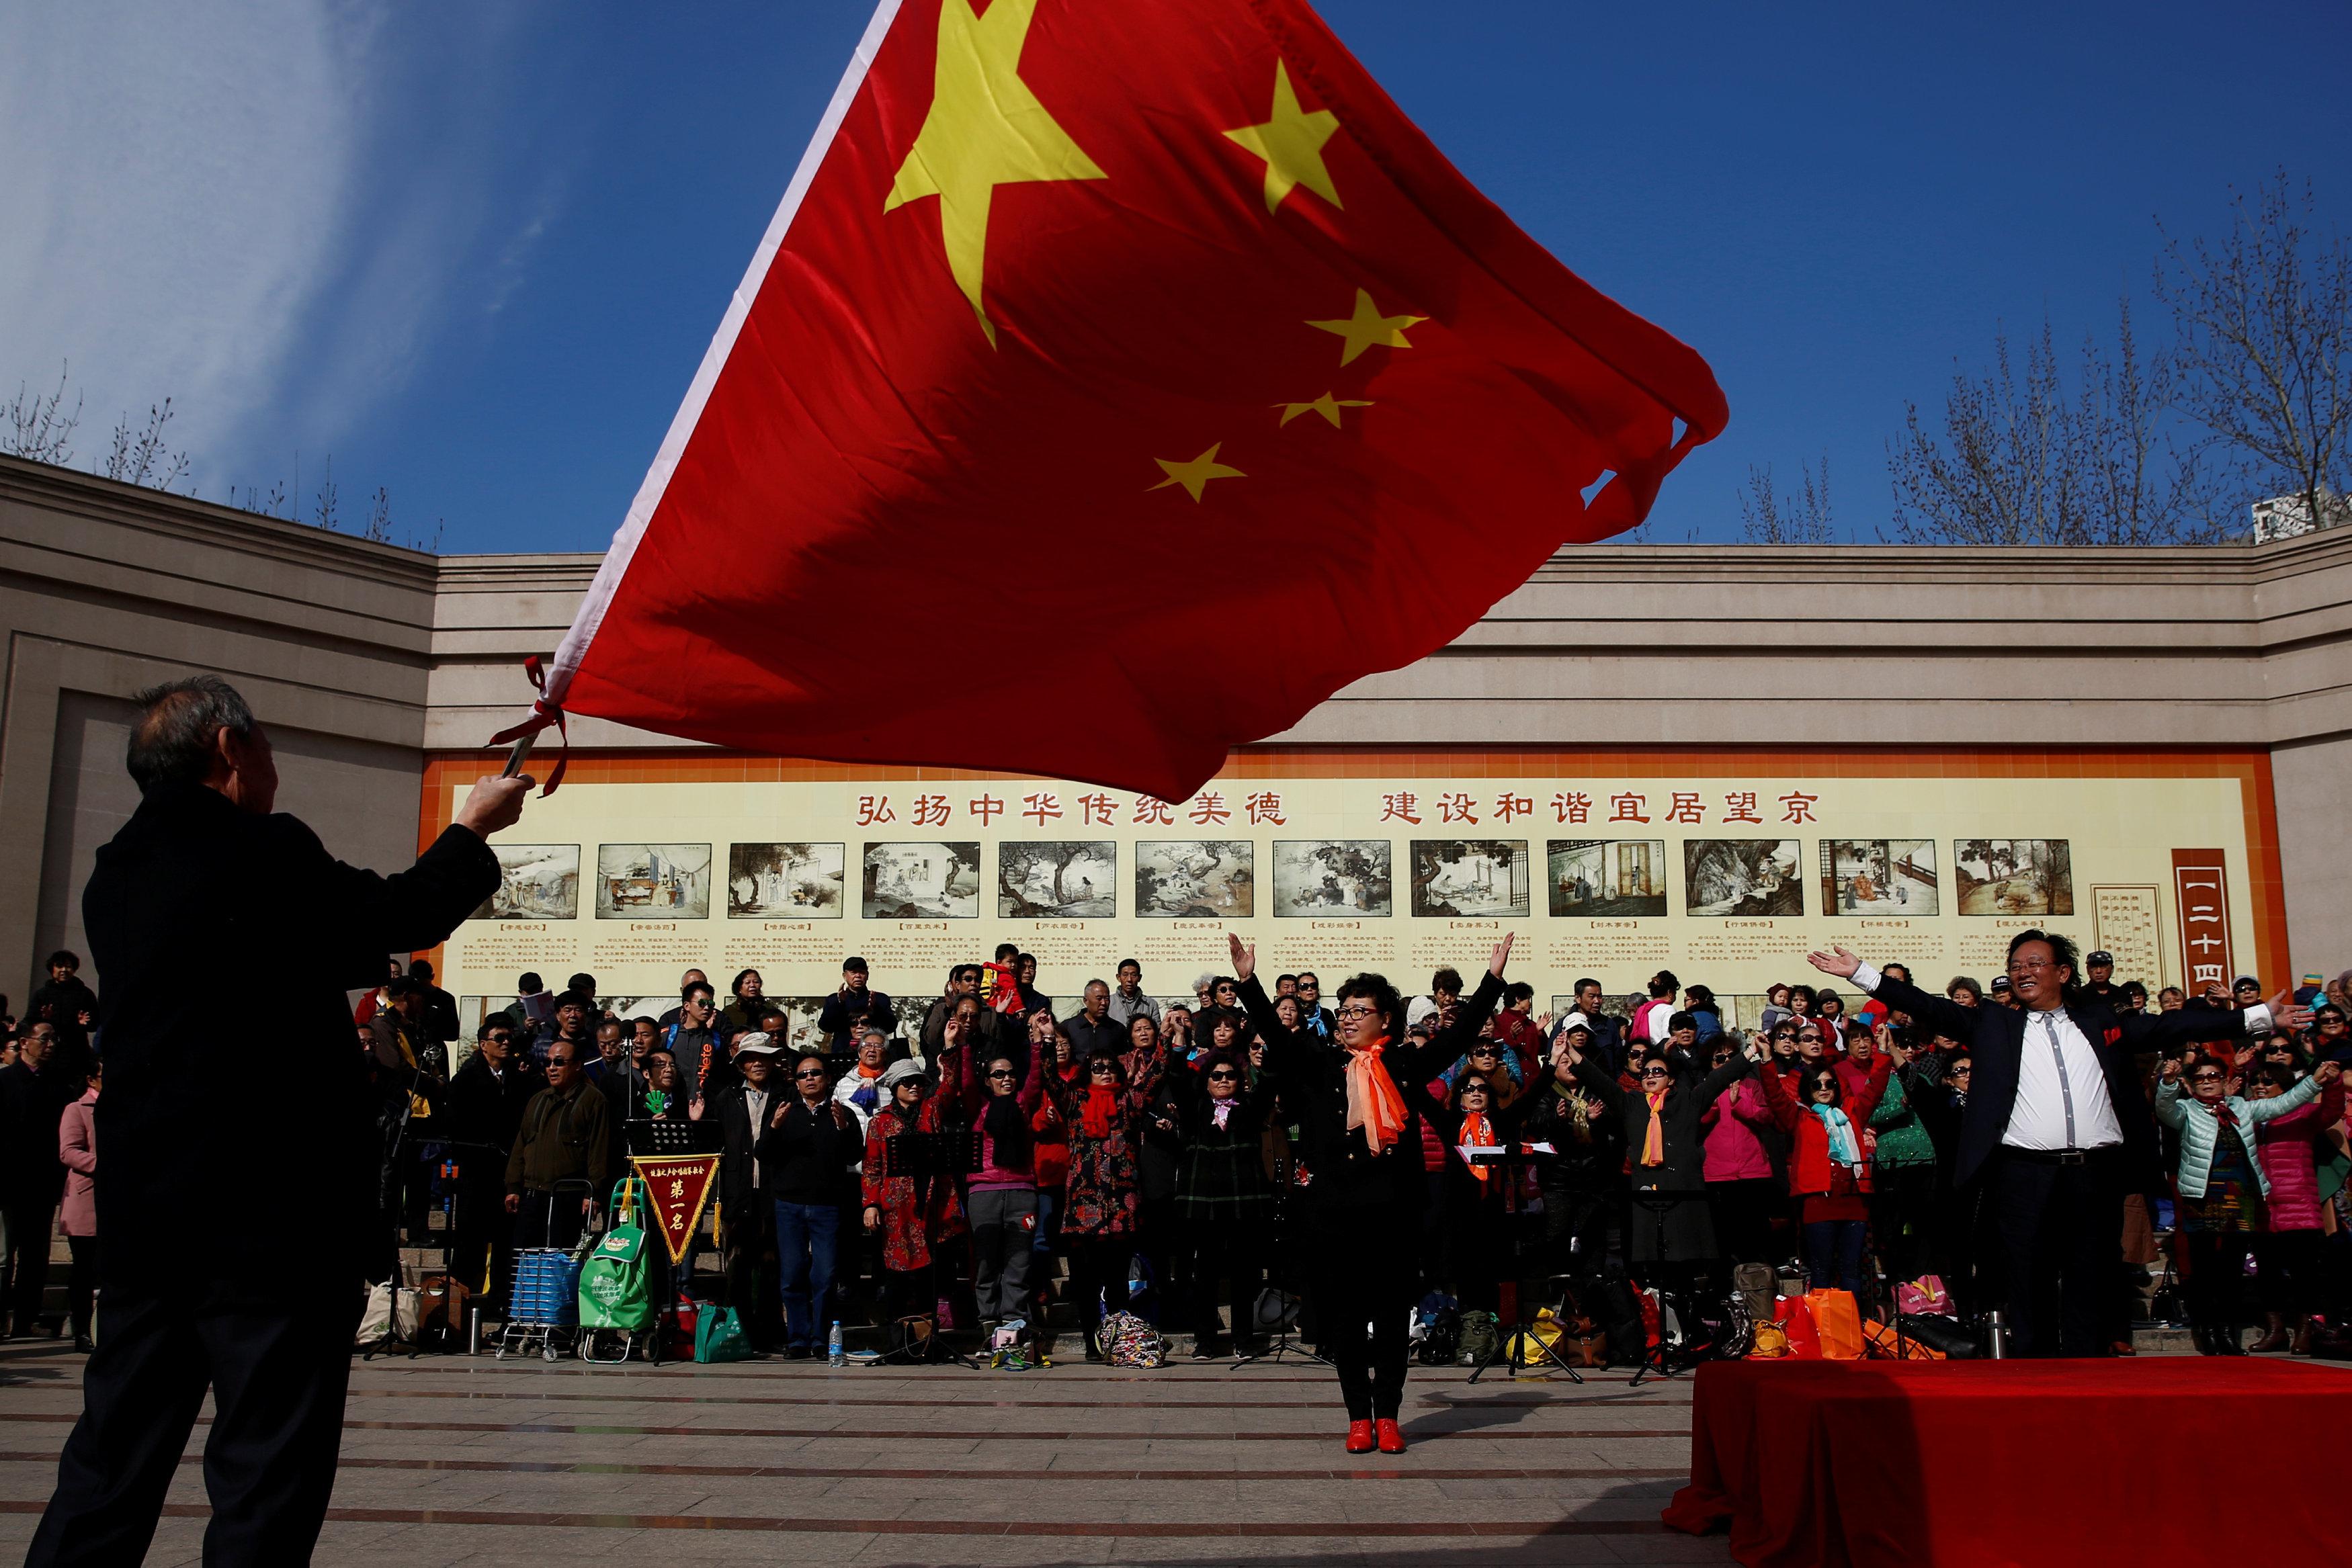 К 2030г численность населения Китая достигнет 1,45 млрд человек